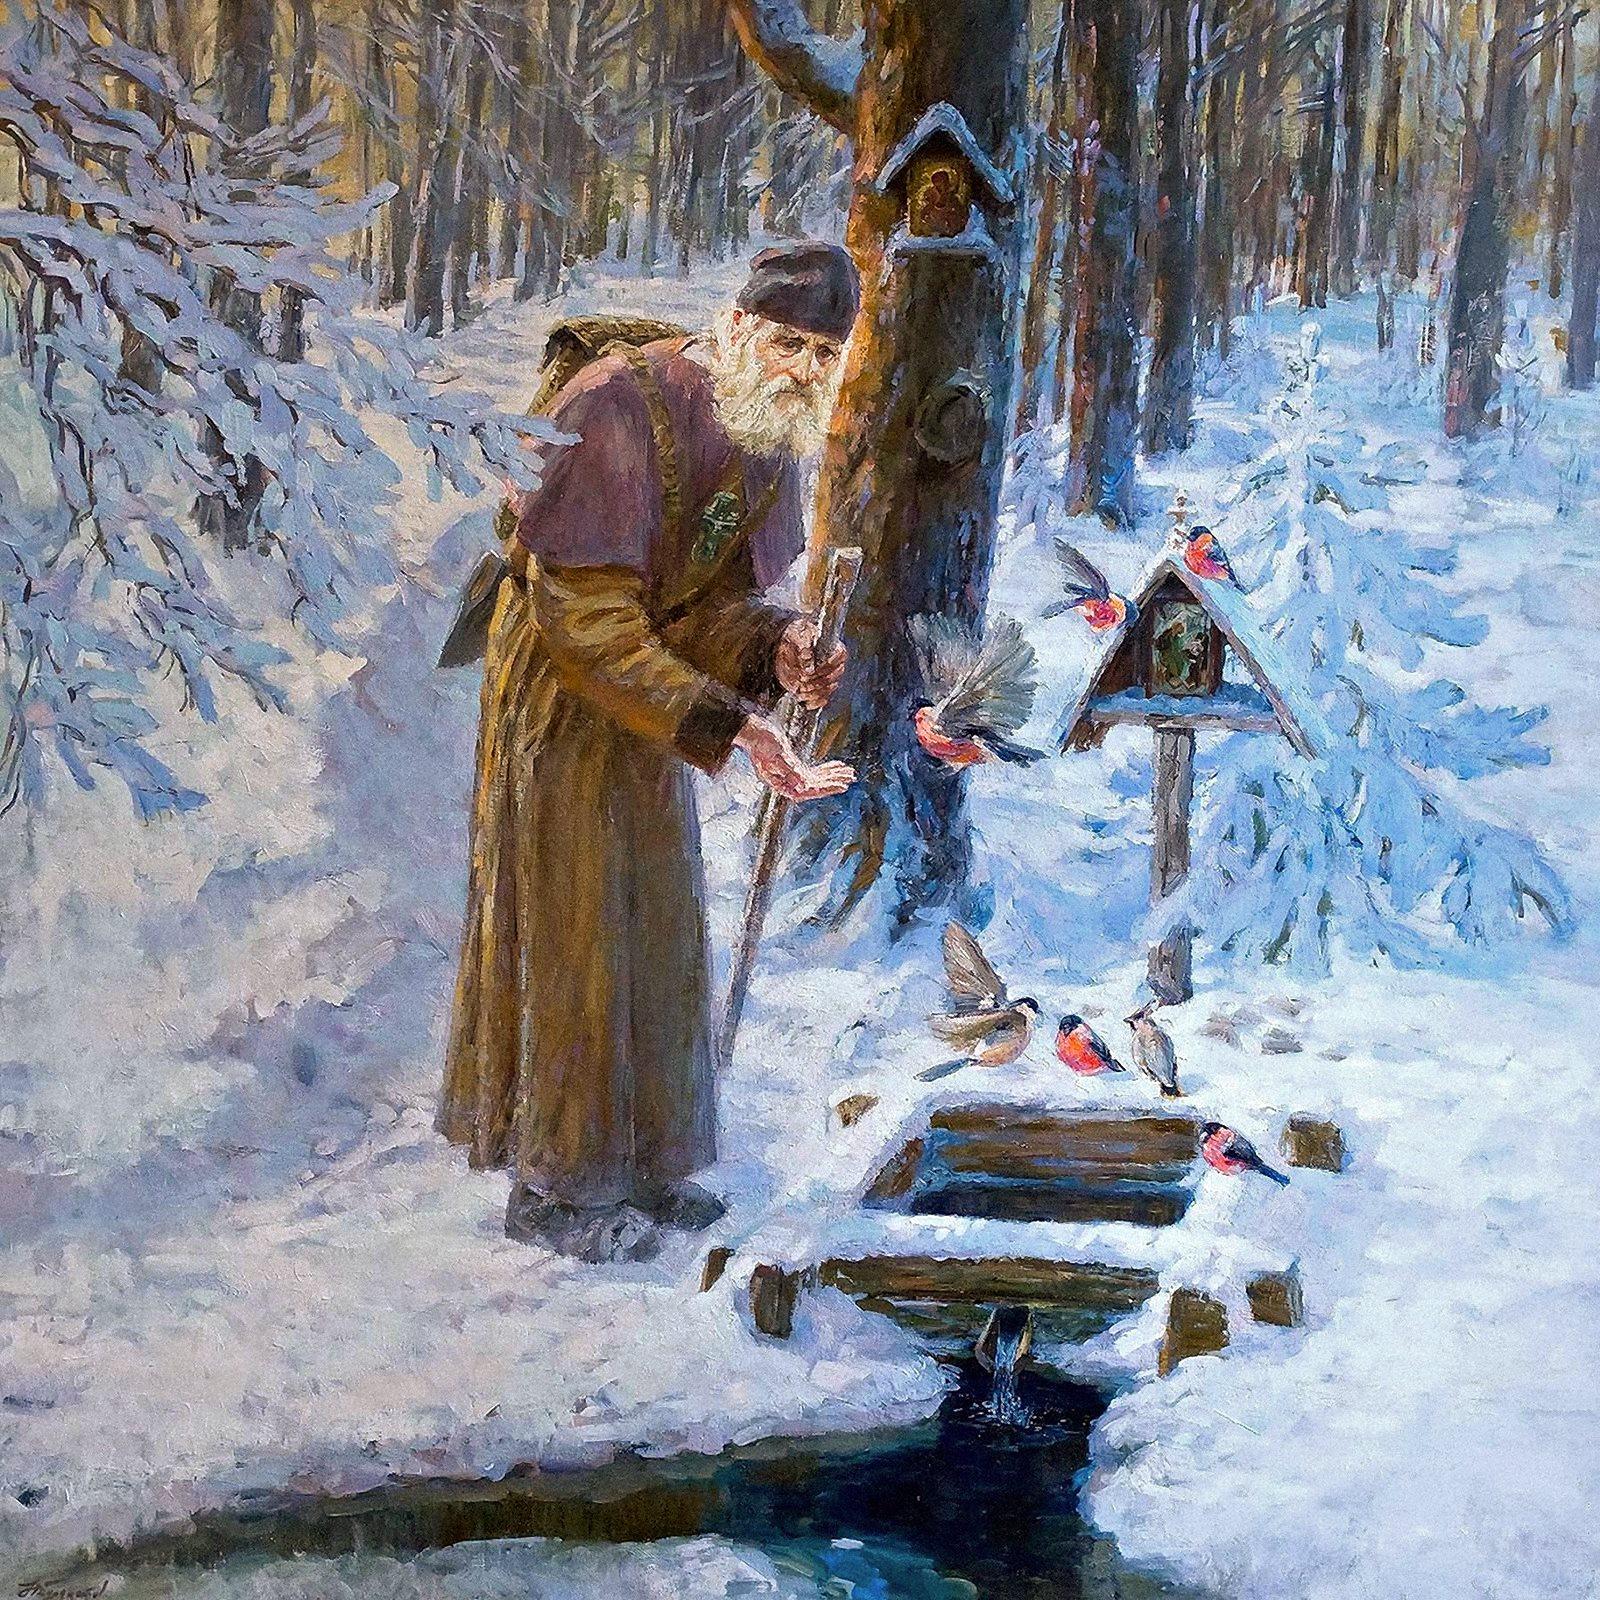 00 Nikolai Burdastov. Snowbirds. 2012